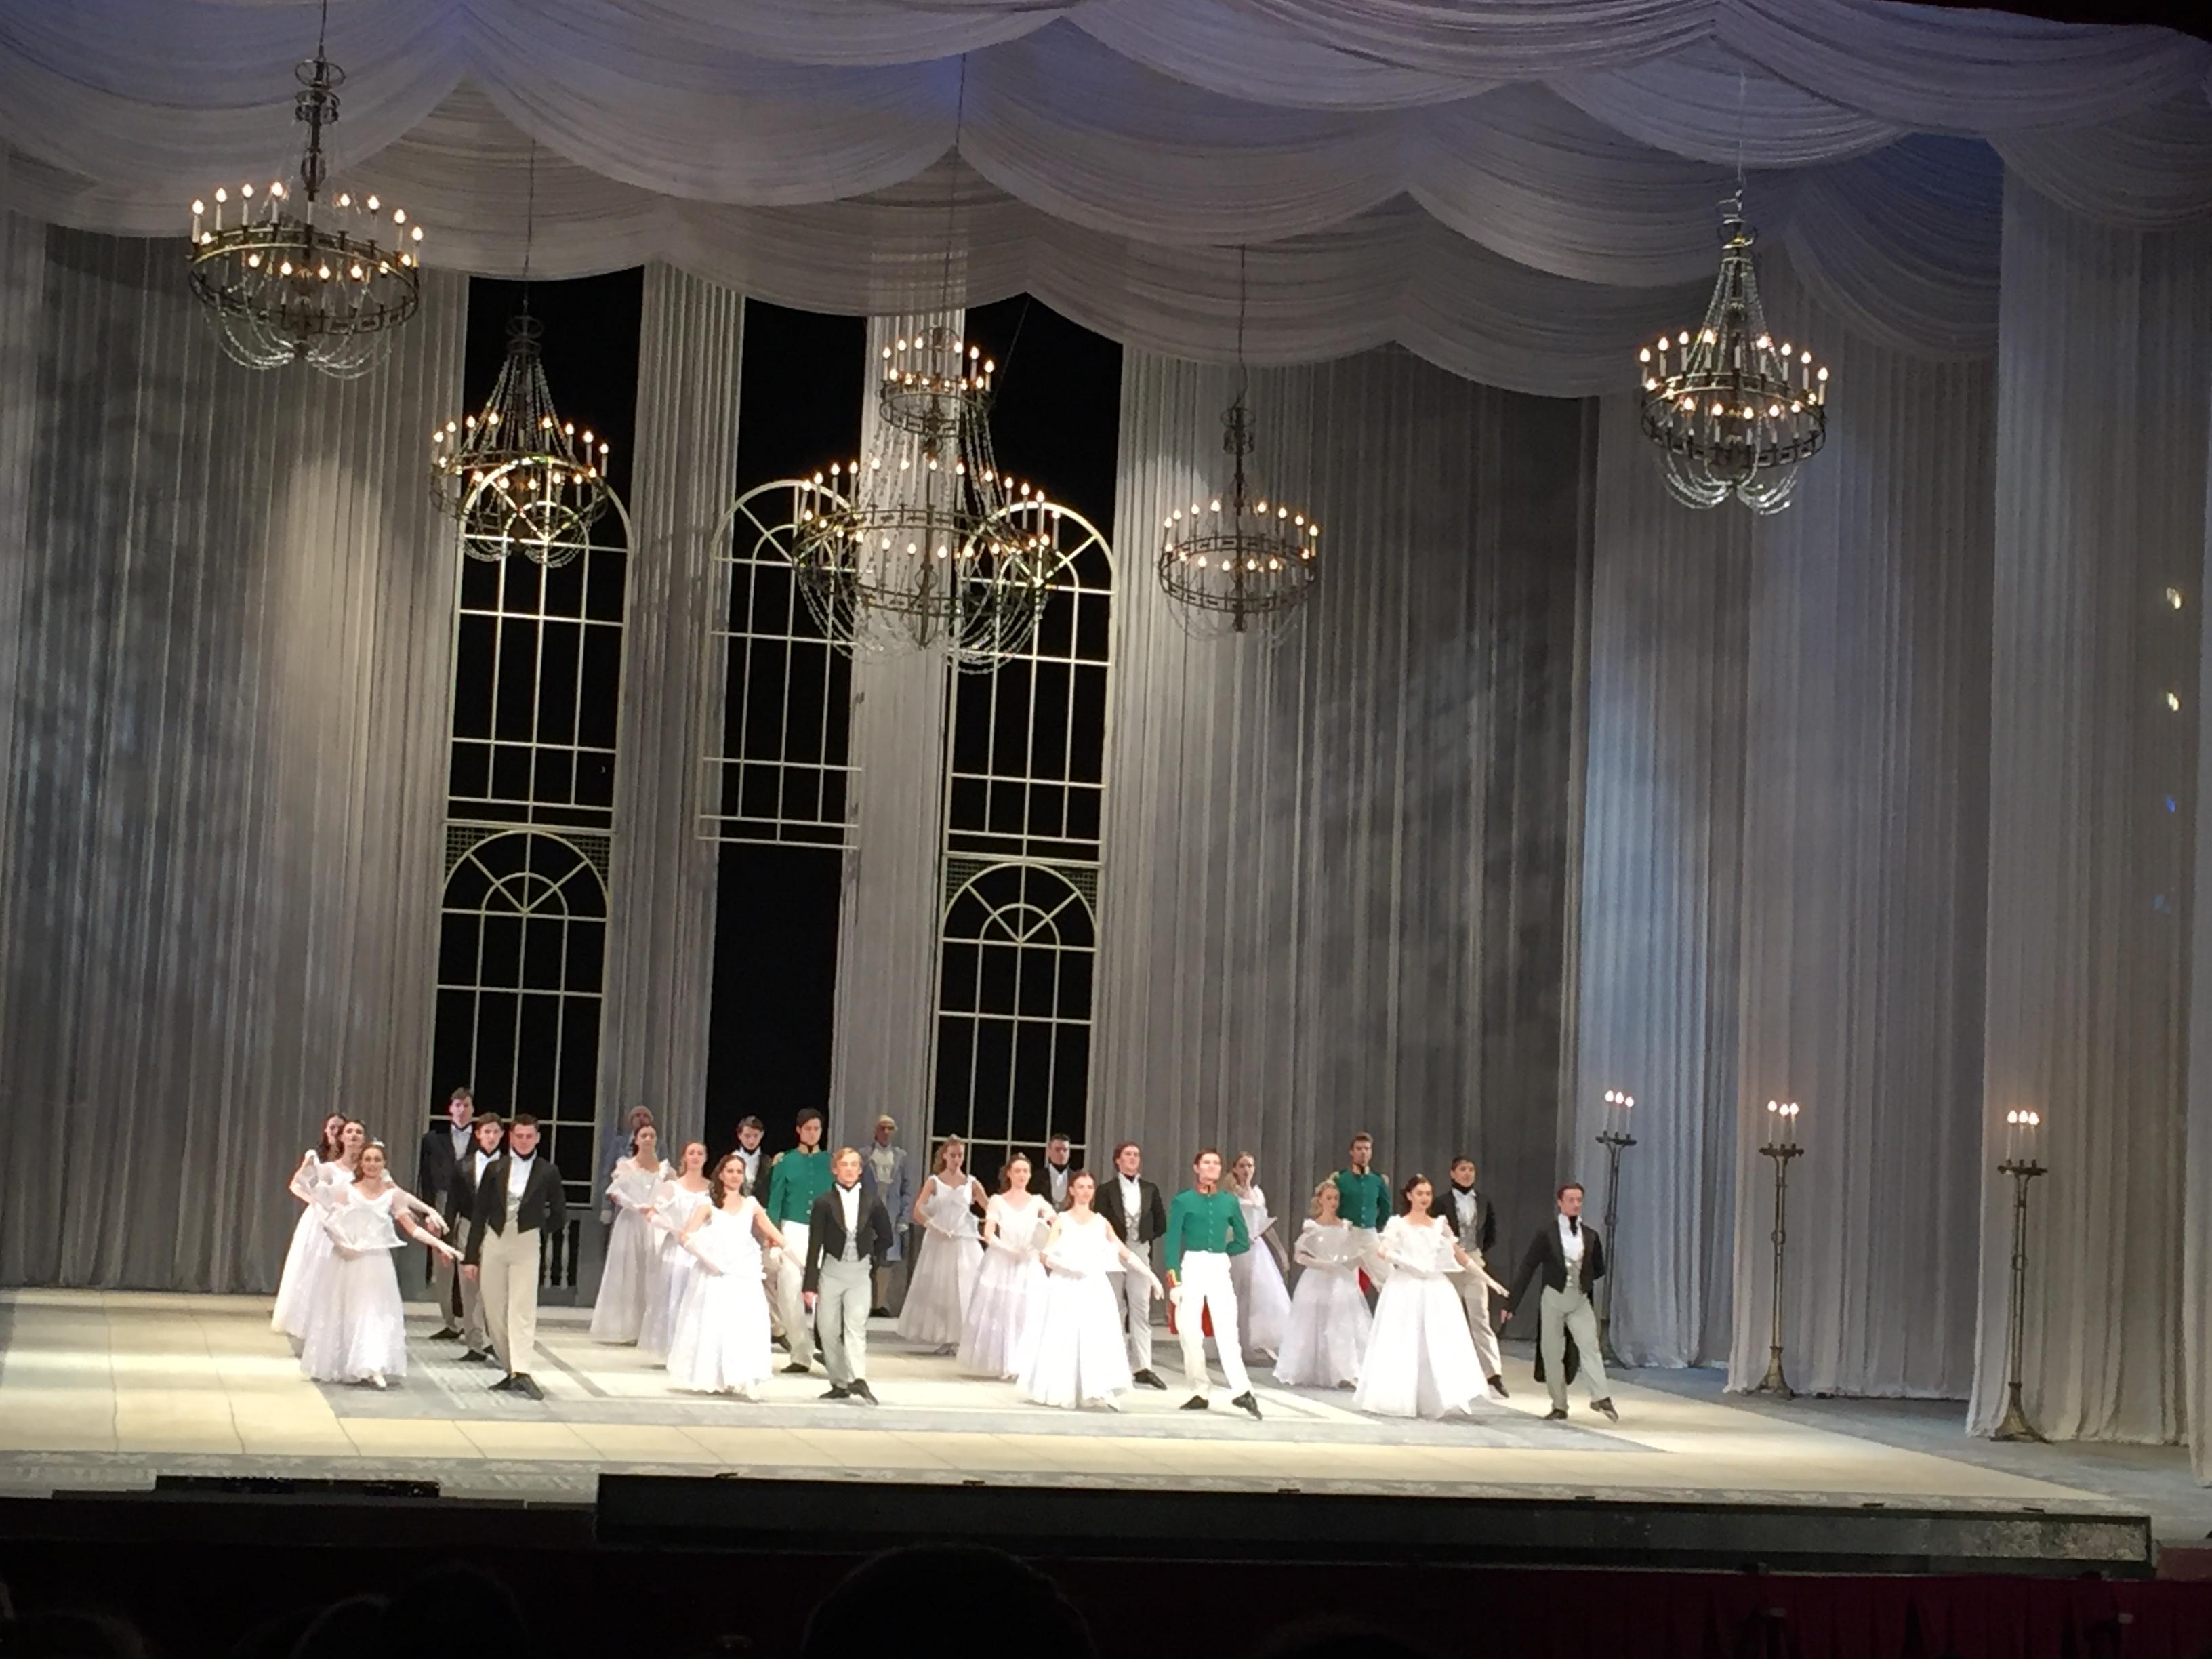 брала мальчика фотосессия в оперном театре минск подбадривают спортсменов, внушают